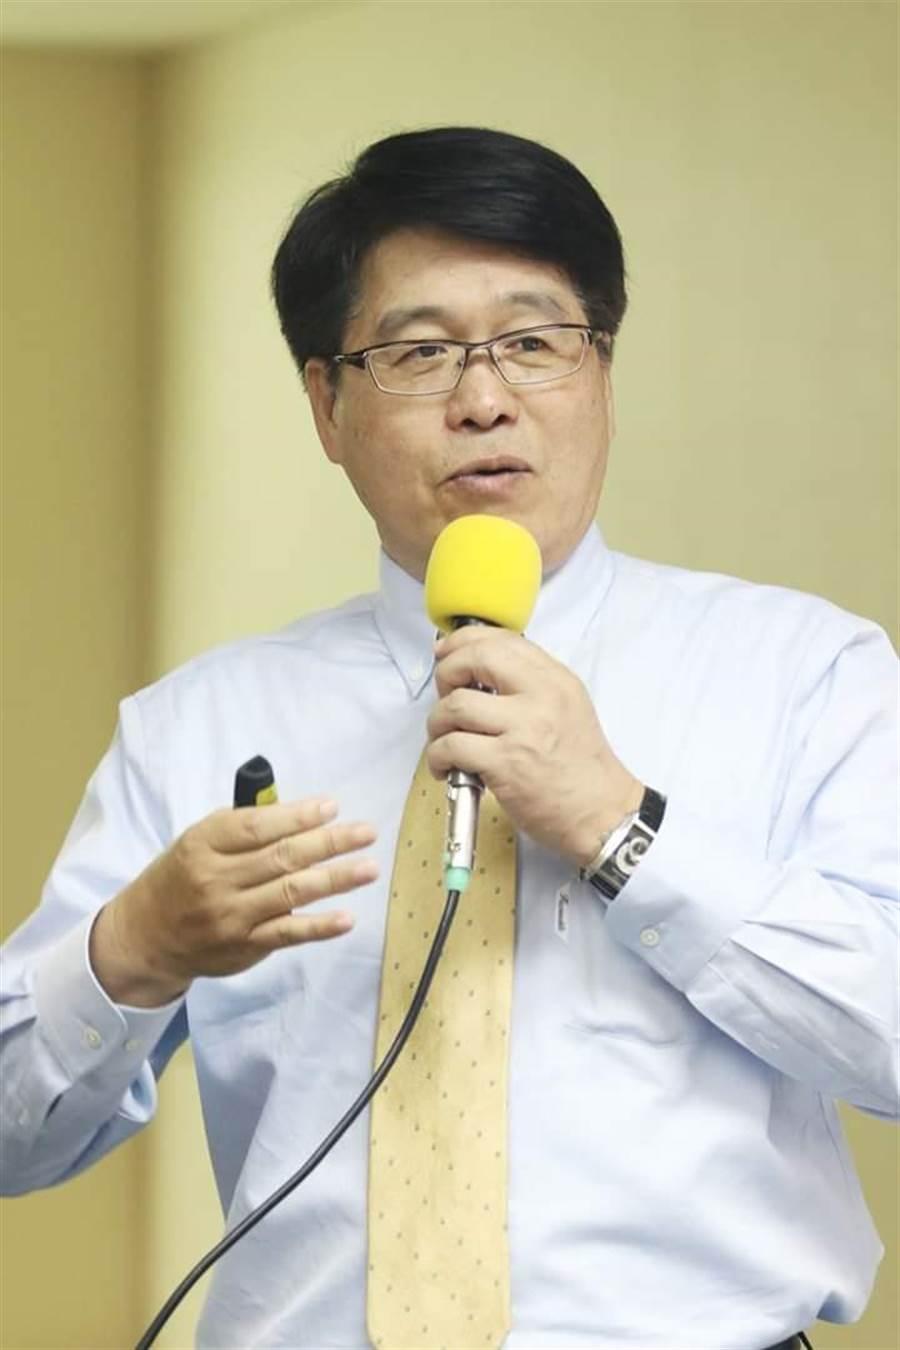 台灣民意基金會董事長游盈隆。(取自游盈隆臉書)